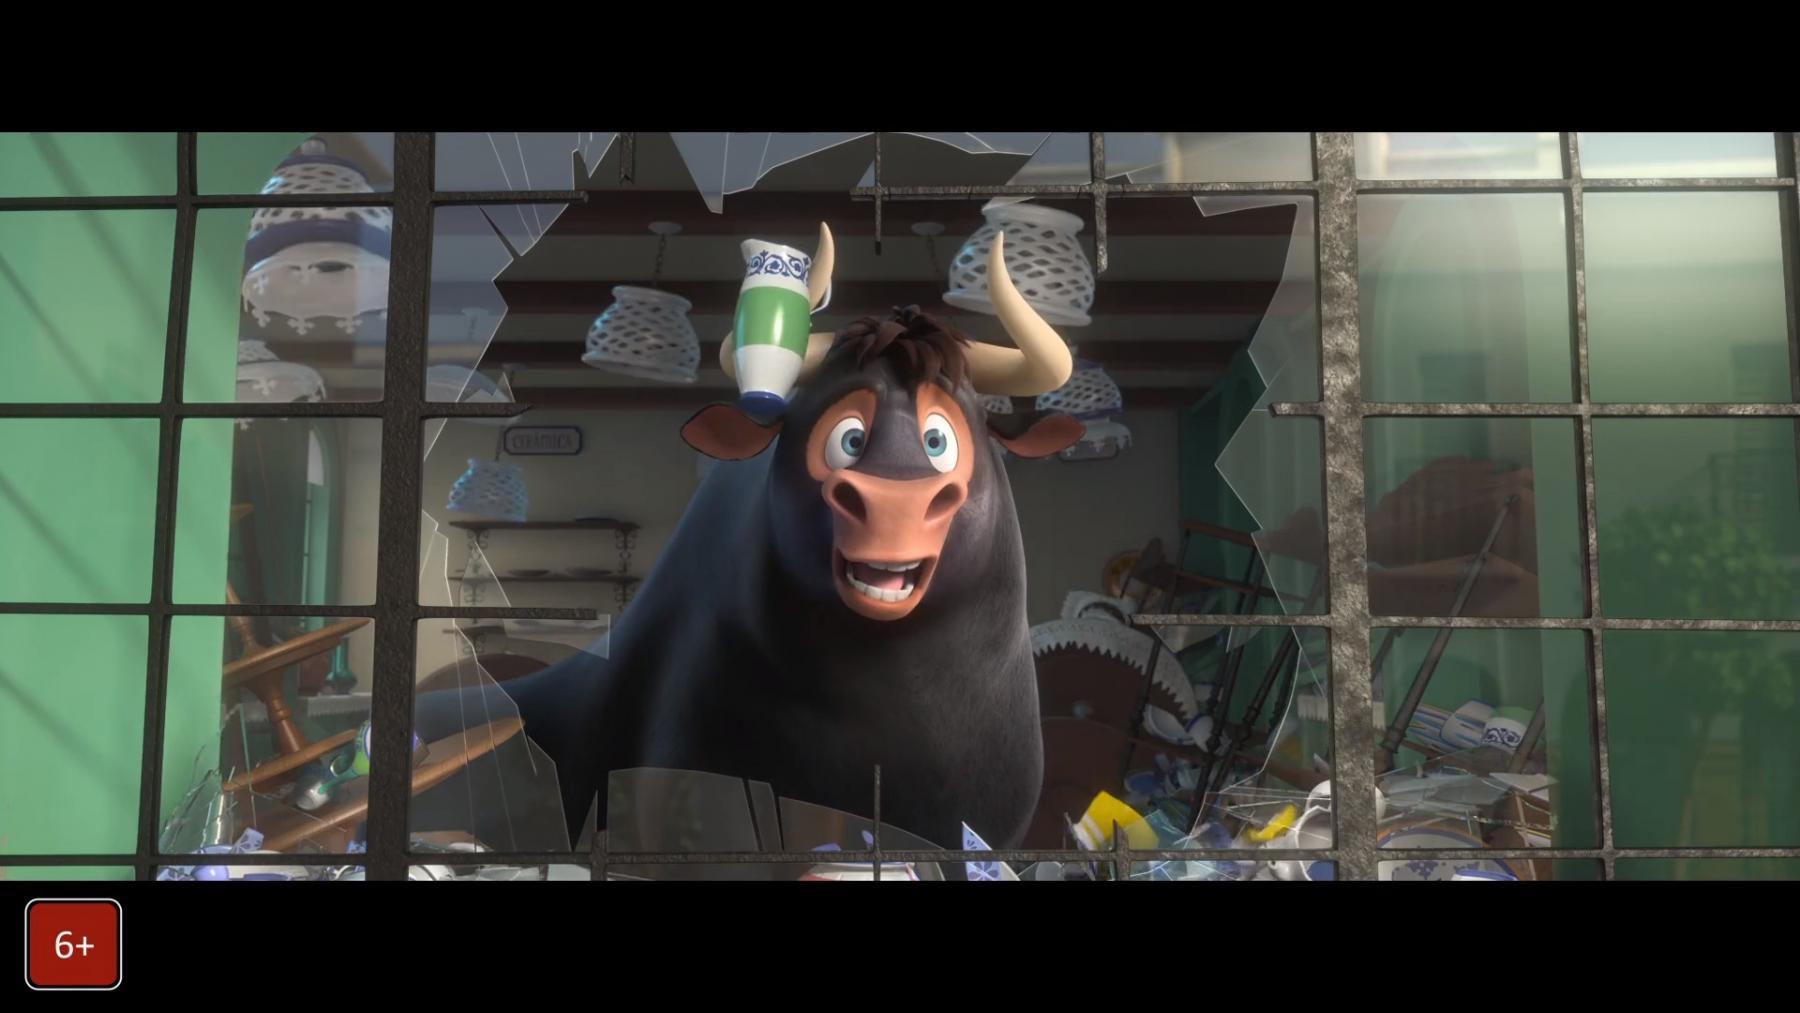 фото Рога, копыта и харизма: пять лучших мультфильмов о быках, которыми засматриваются не только дети 2